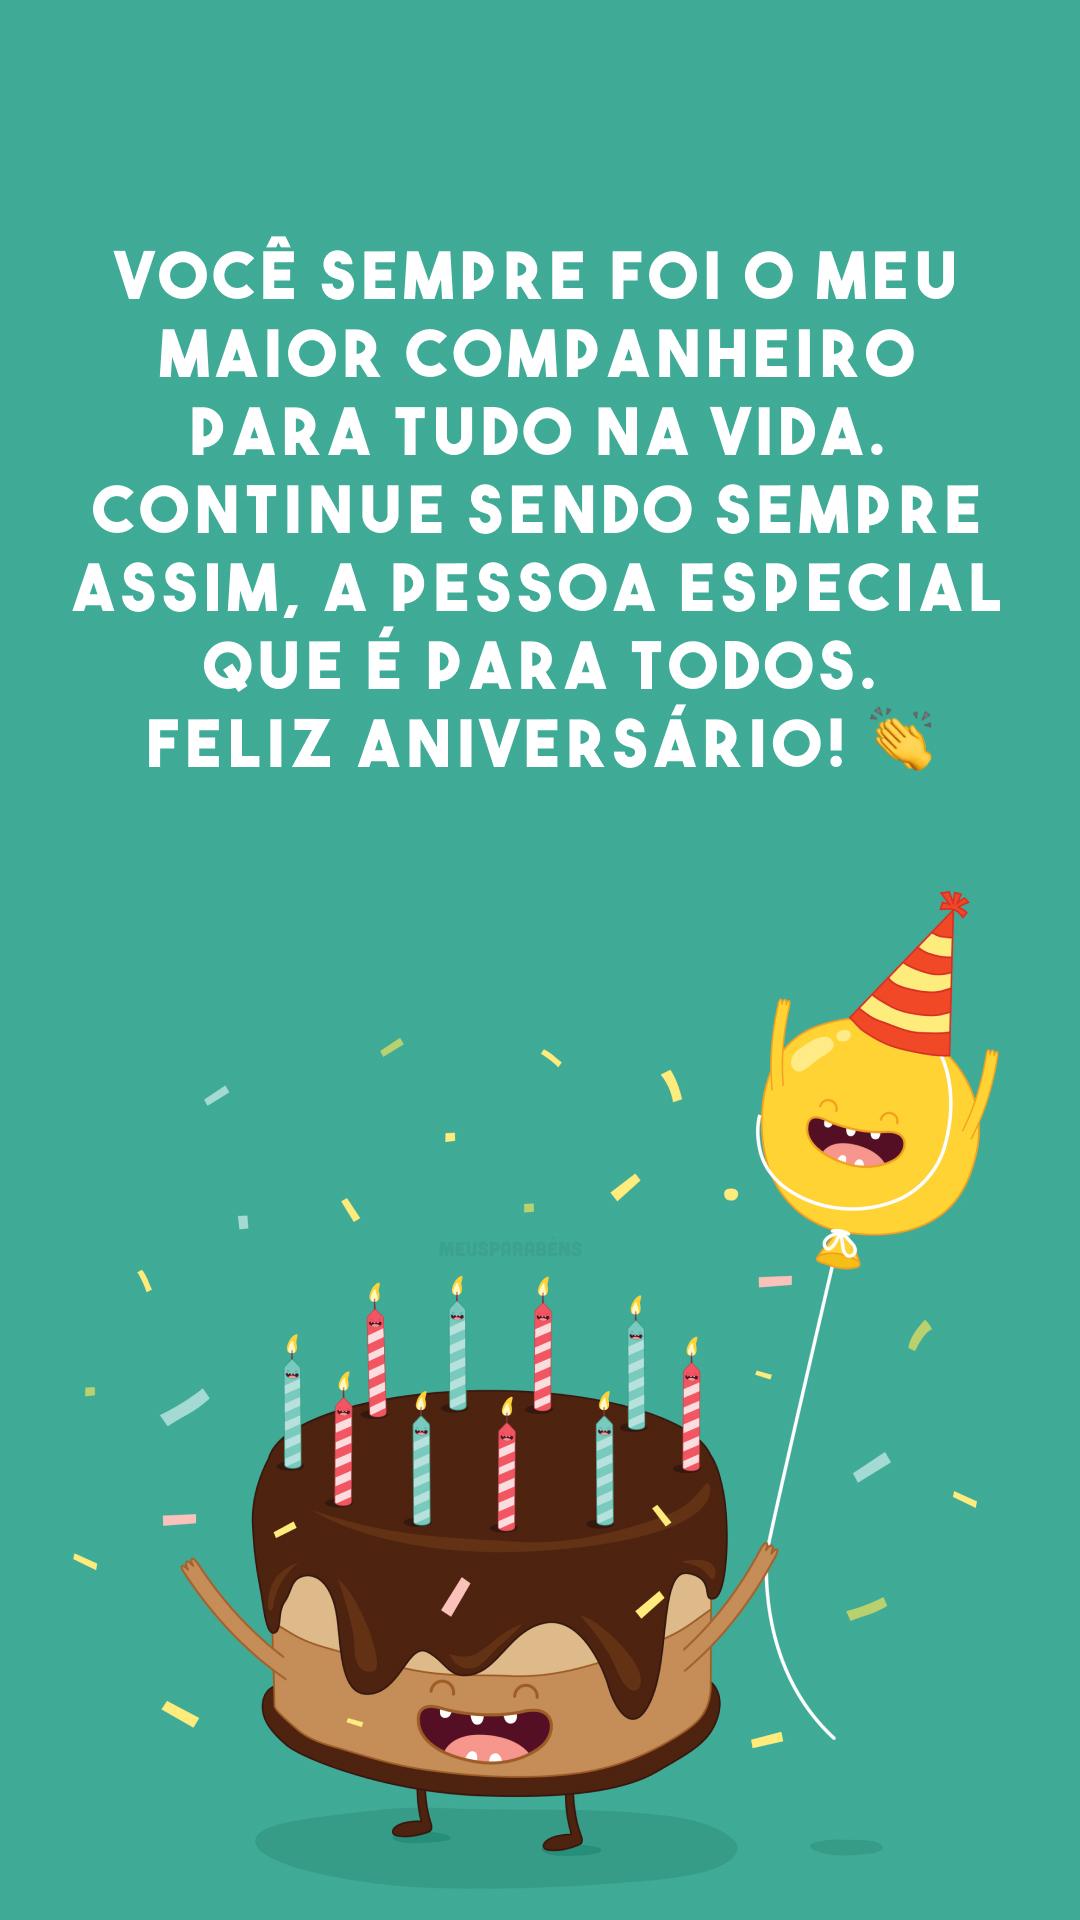 Você sempre foi o meu maior companheiro para tudo na vida. Continue sendo sempre assim, a pessoa especial que é para todos. Feliz aniversário! 👏